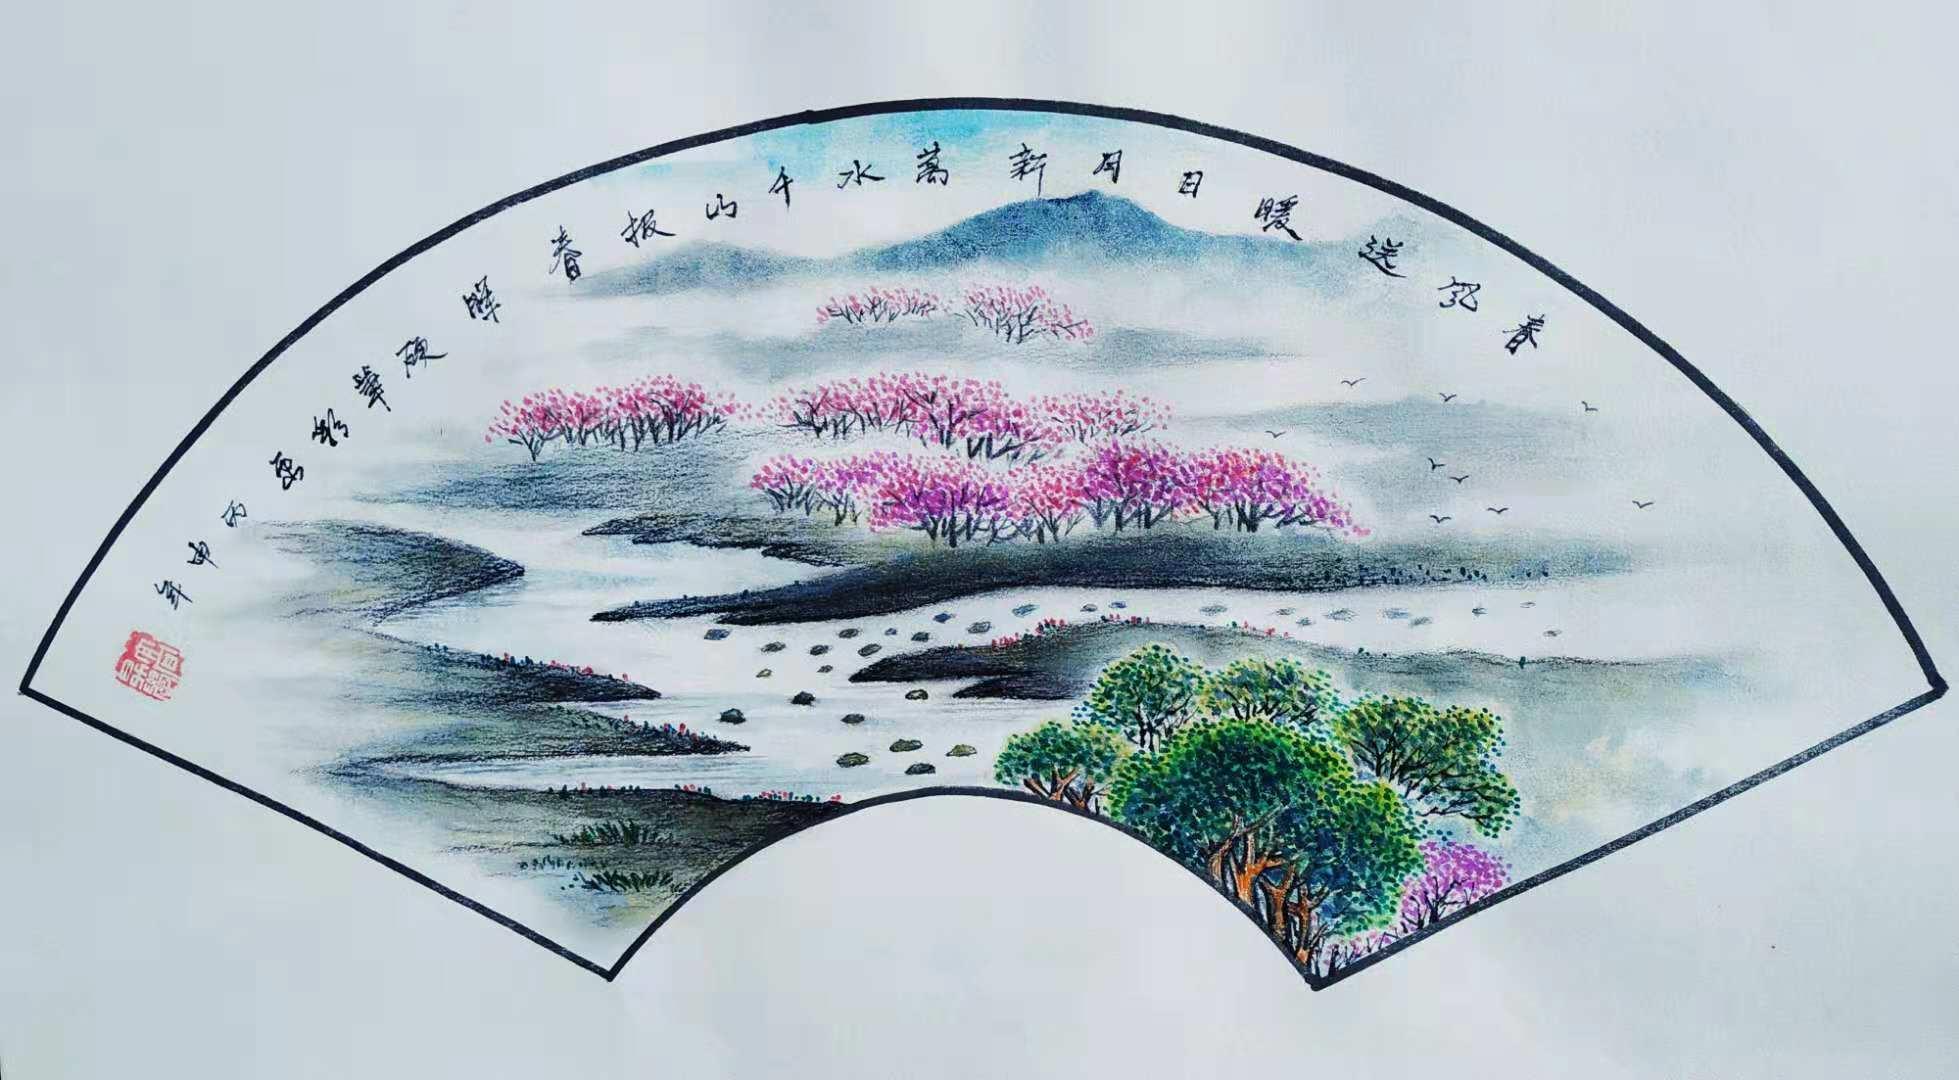 硬笔彩画第一人高升学绘画作品鉴赏